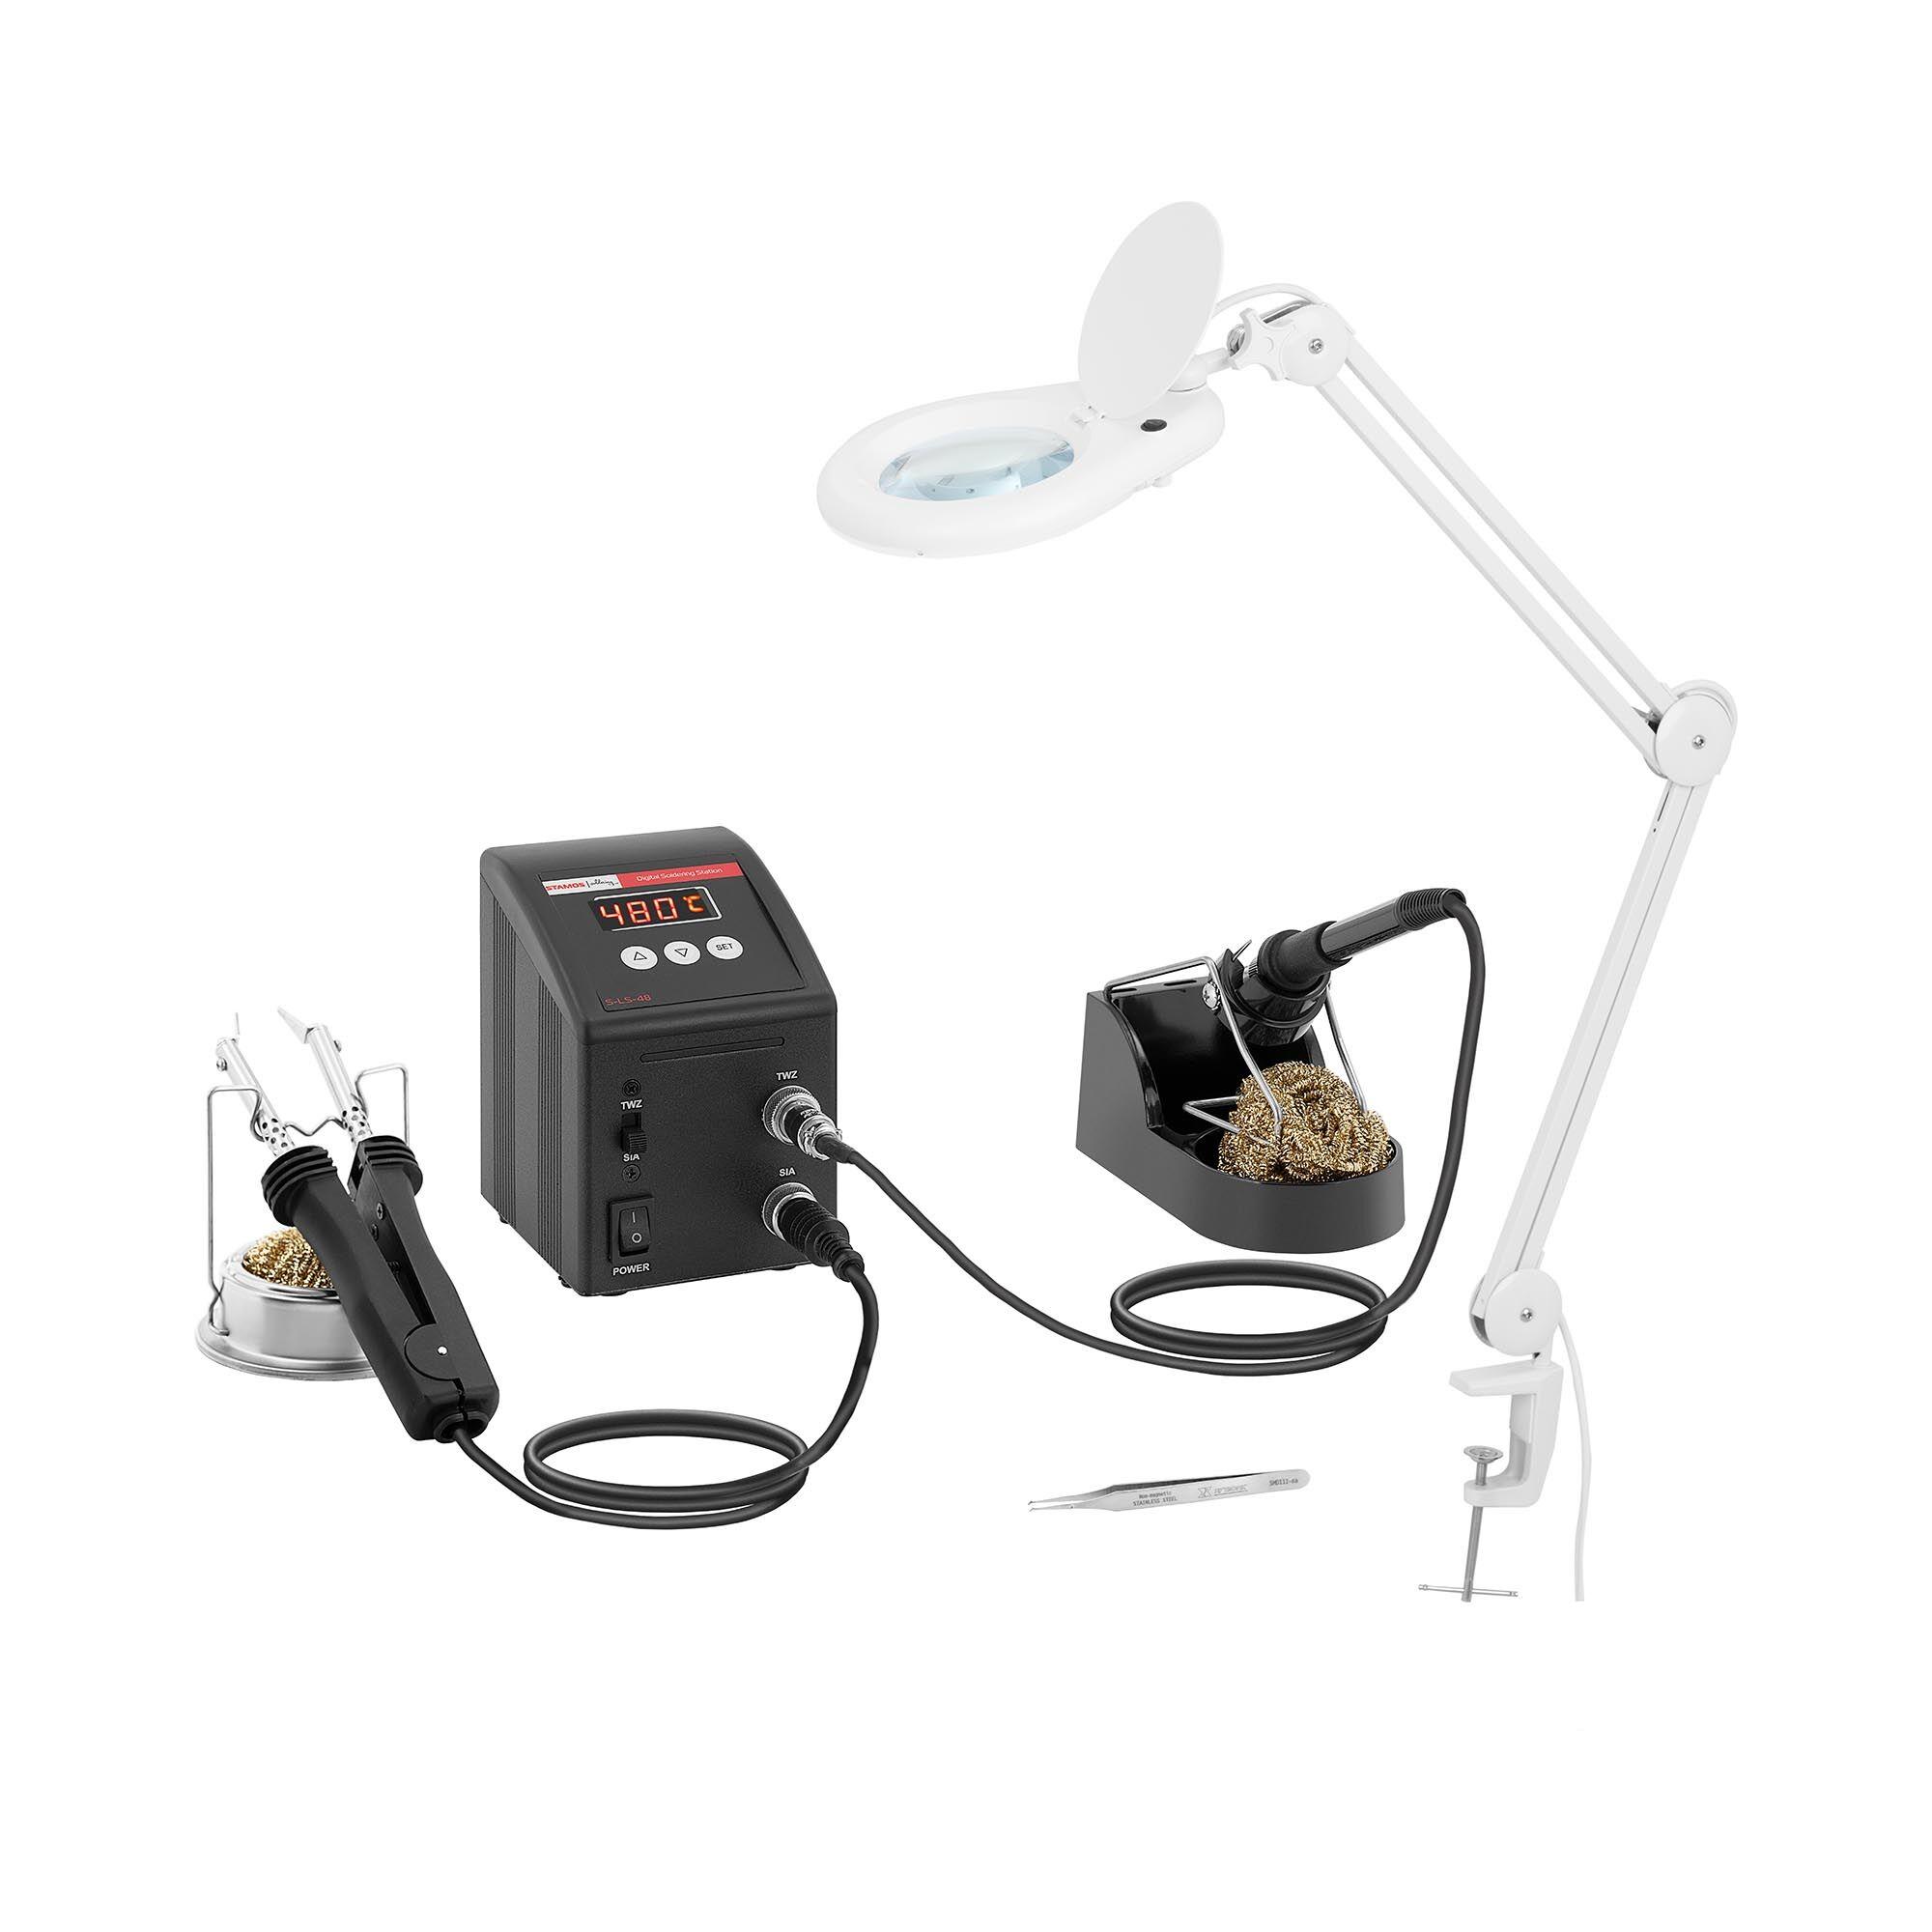 Stamos Soldering Loddestation - SMD - digital - 80 W - LED S-LS-48